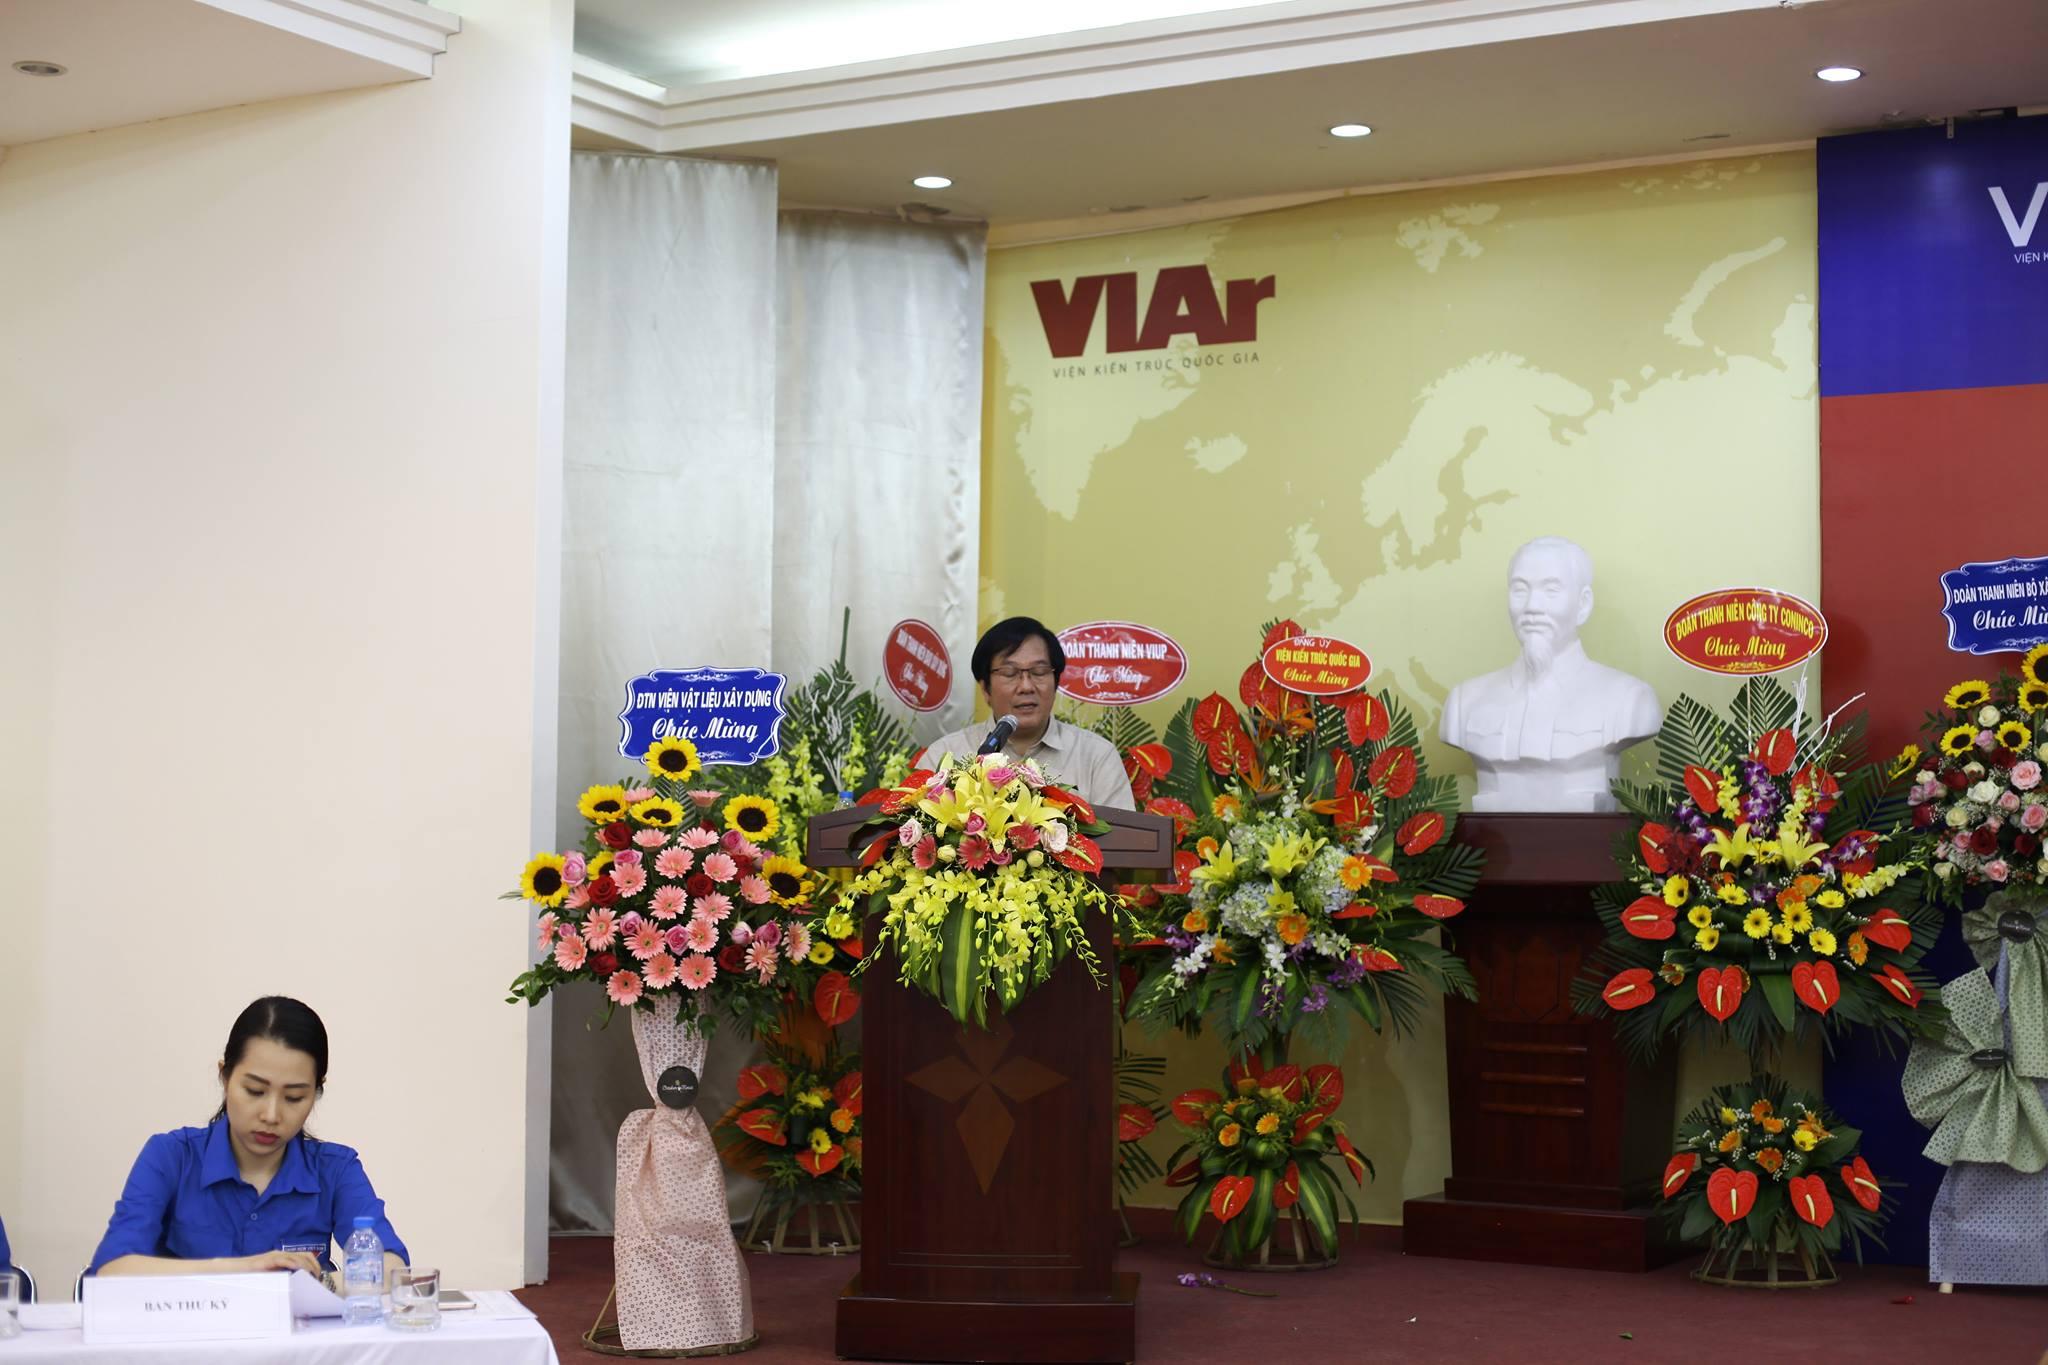 Viện trưởng Đỗ Thanh Tùng phát biểu tại Hội nghị